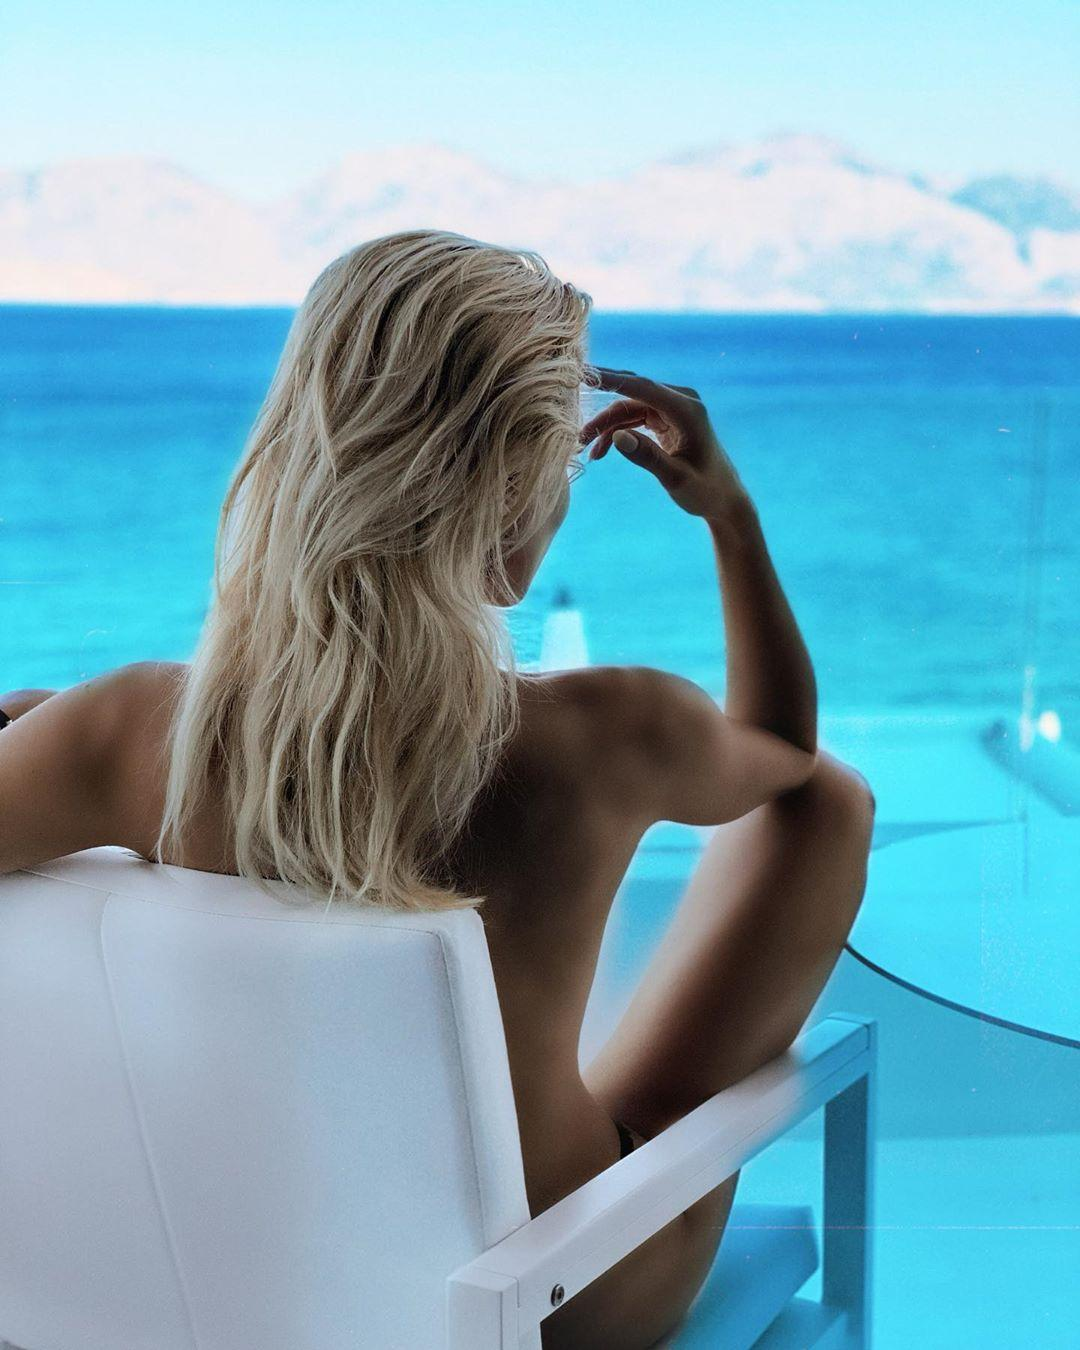 Место своего отдыха артистка не назвала / Instagram Светлана Лобода